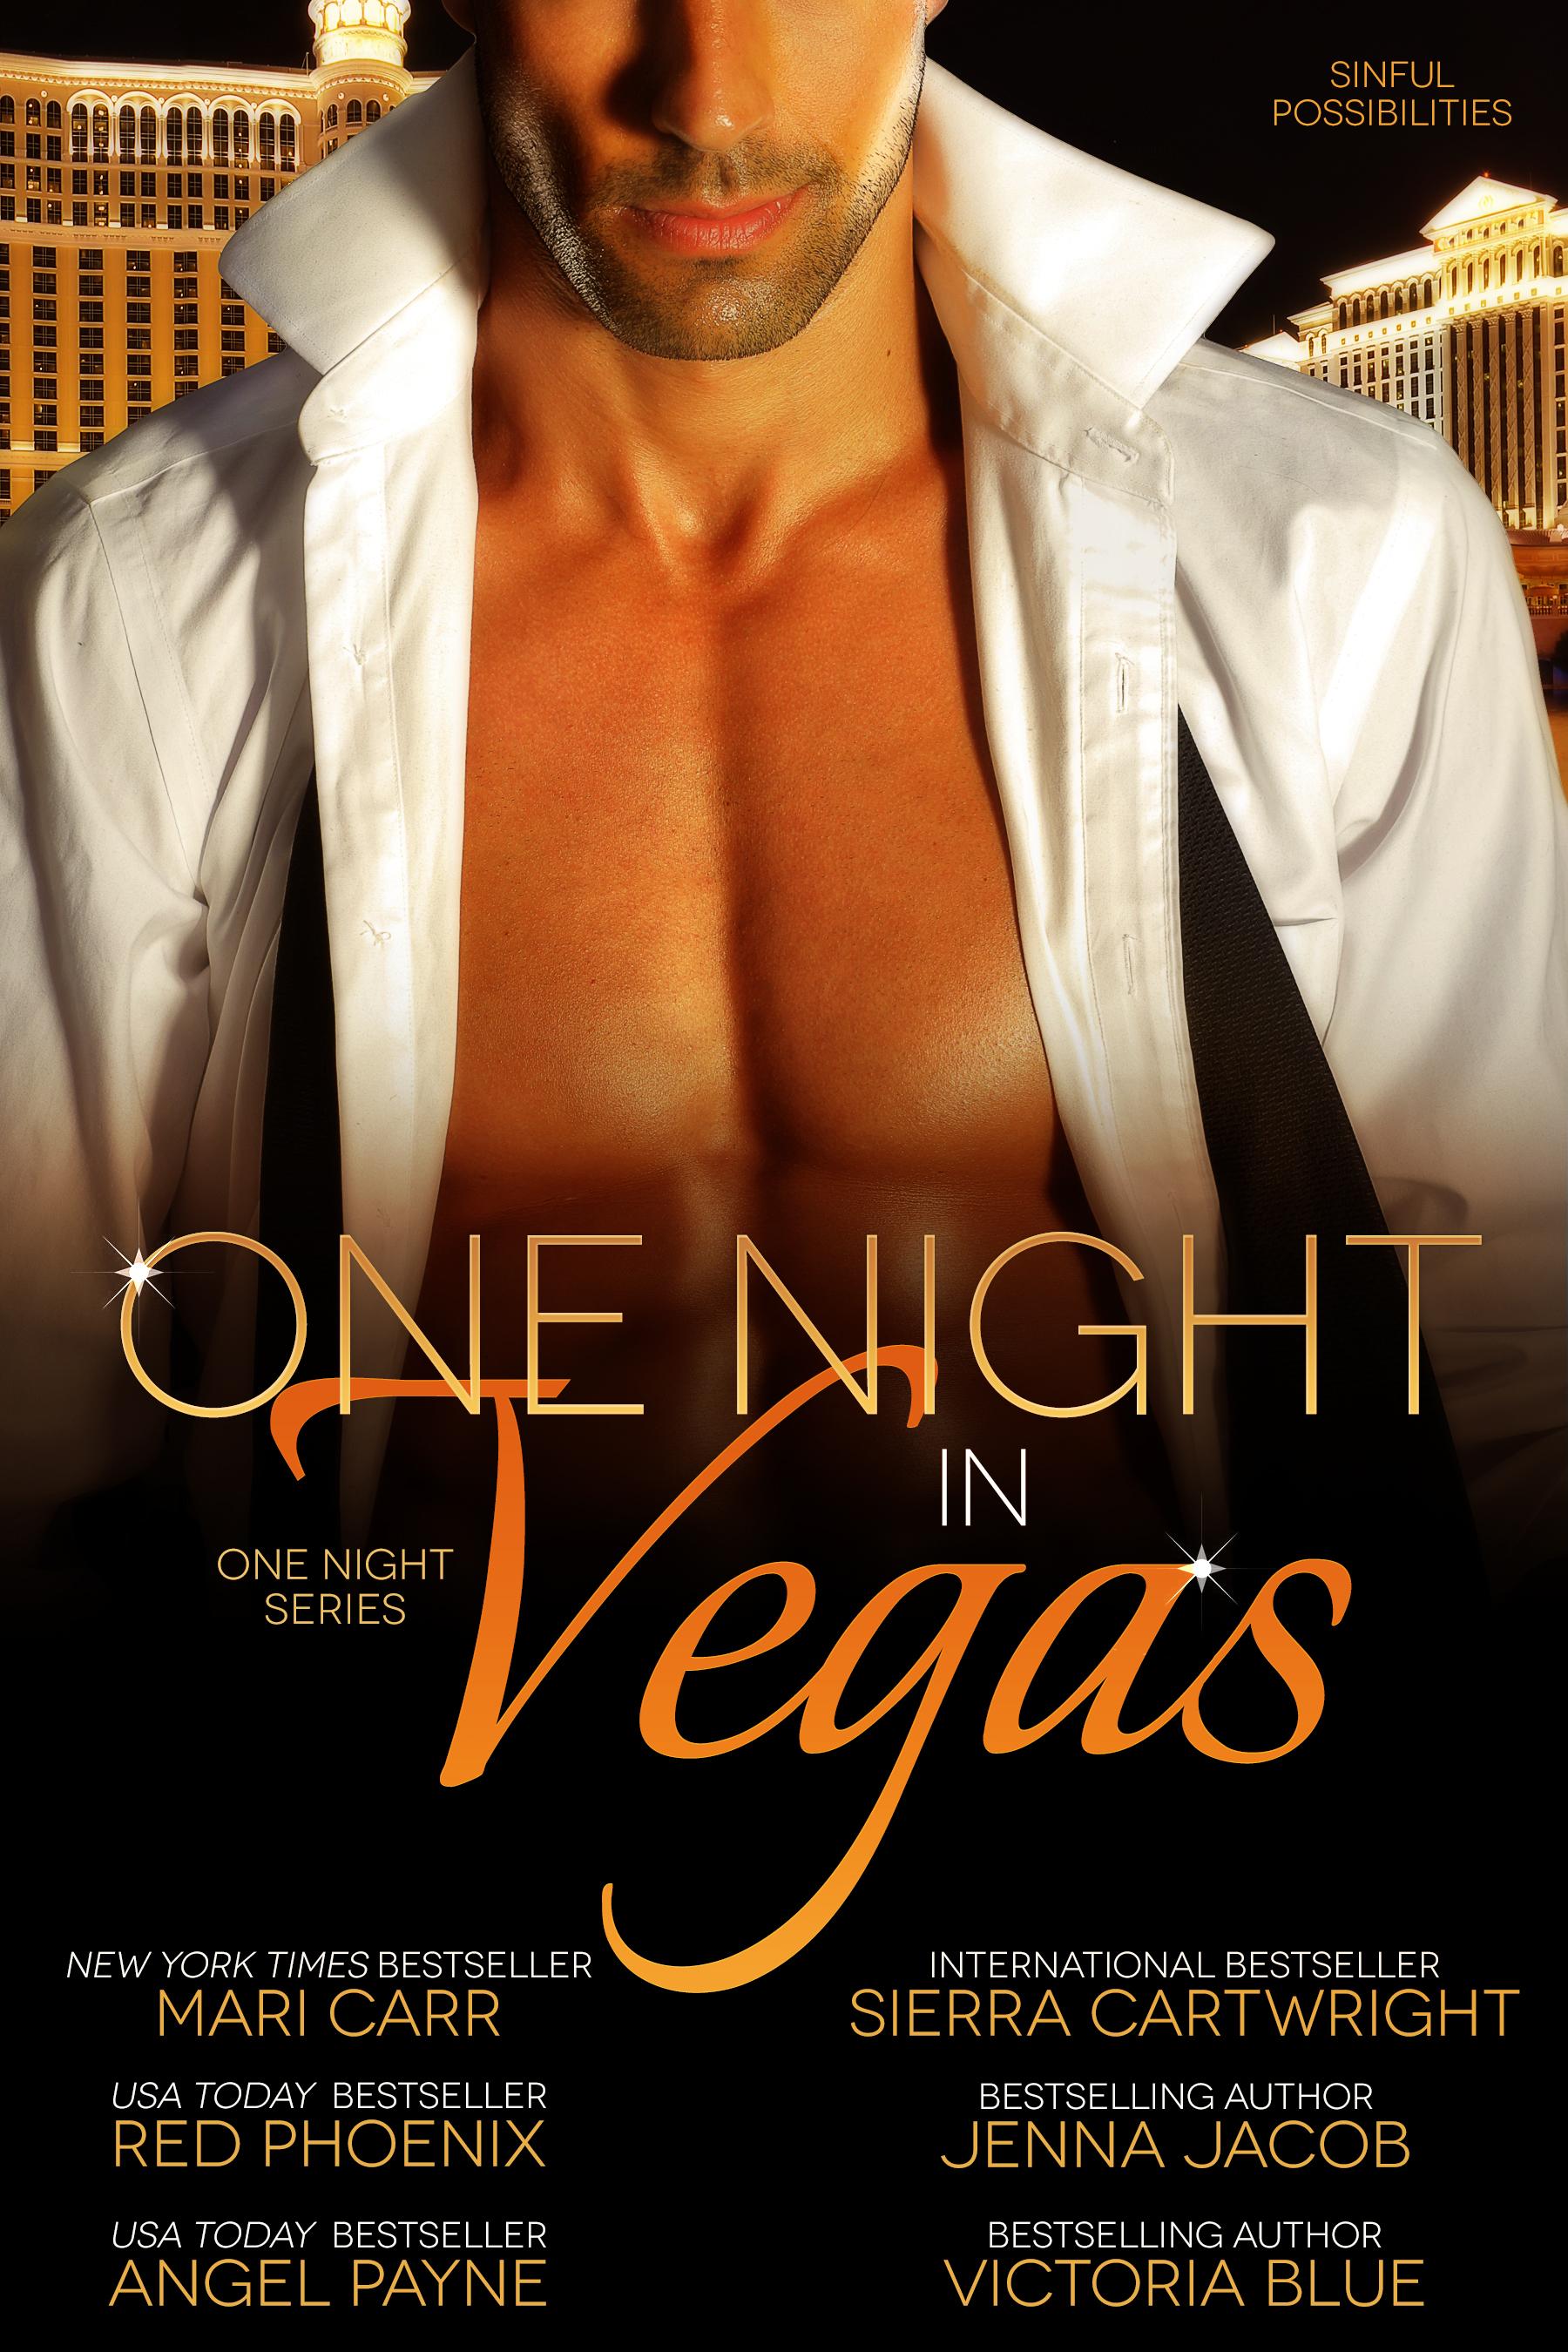 One Night in Vegas Anthology